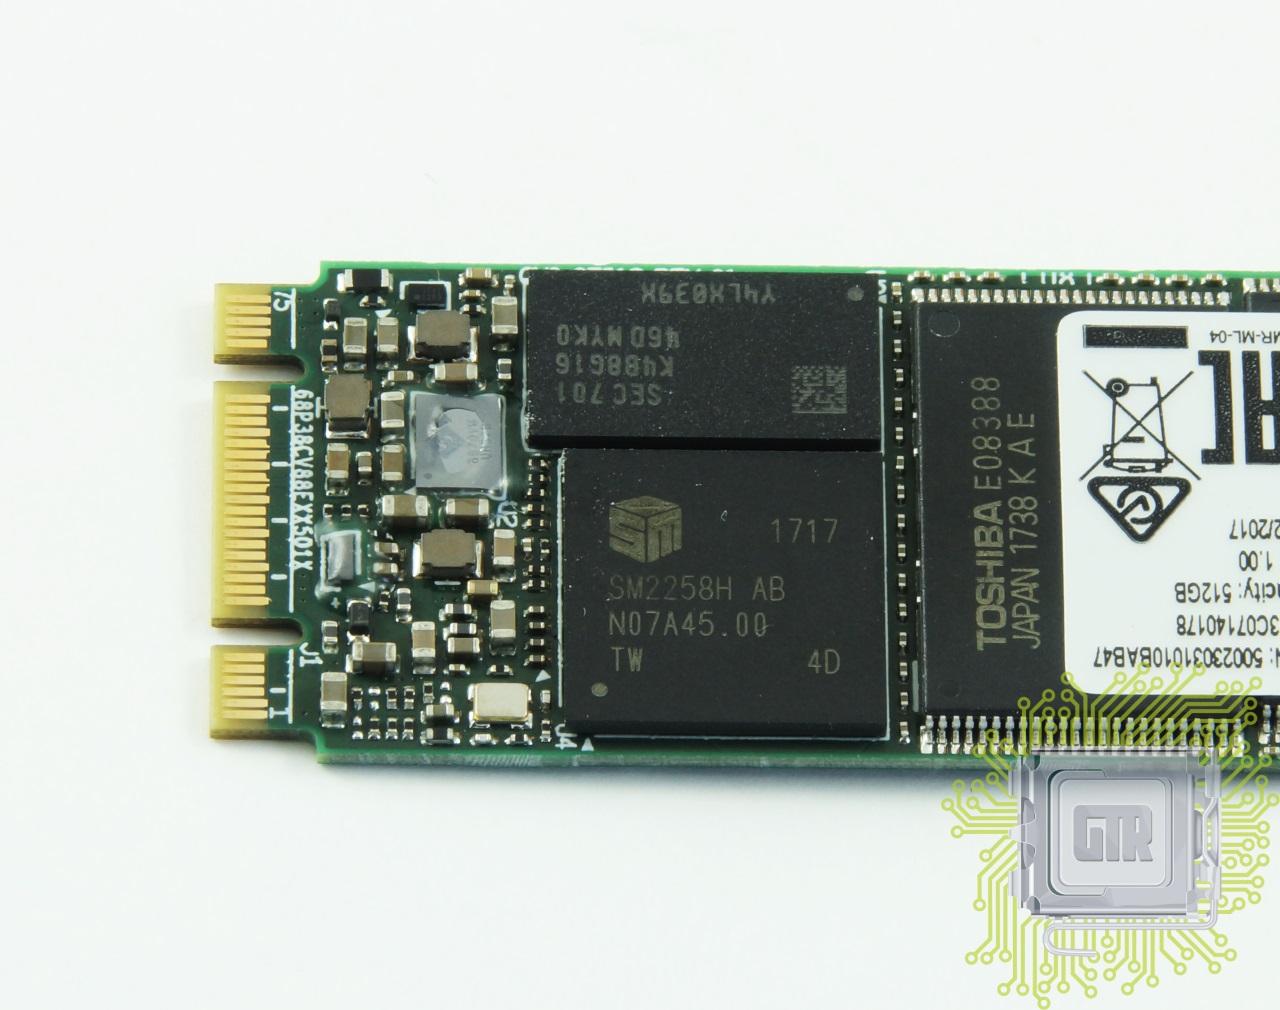 Обзор SSD-накопителя Plextor PX-512M8VG (512 ГБ, M 2 SATA 6